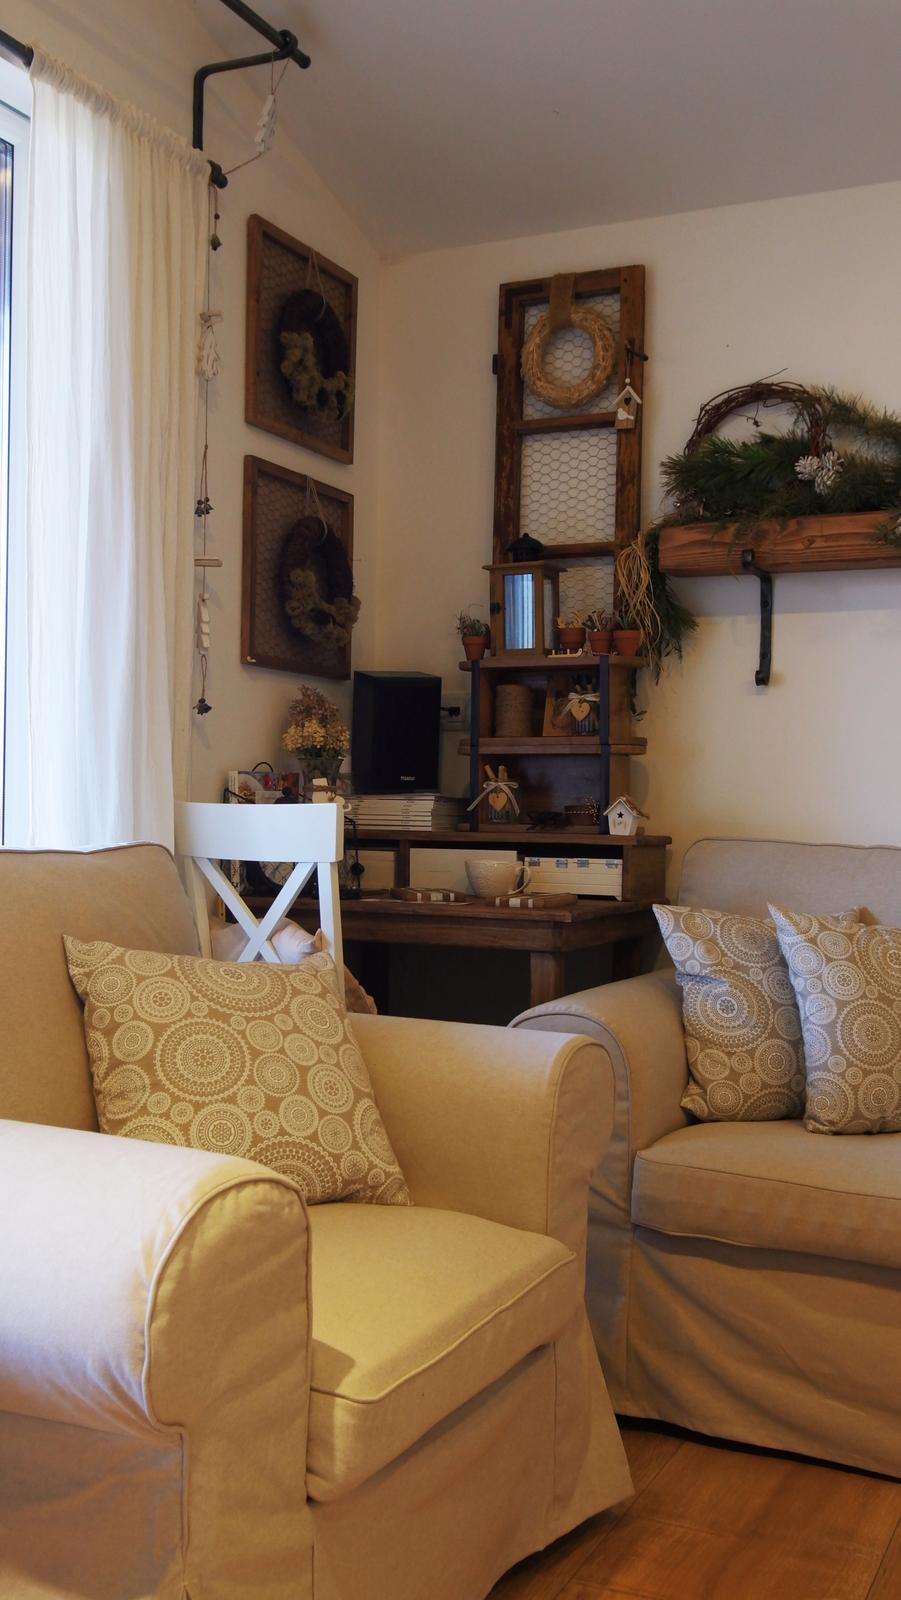 Náš domček ♡ Bramasole ♡ ... Stilo interiér aj exteriér 4. rok bývania - Obrázok č. 2